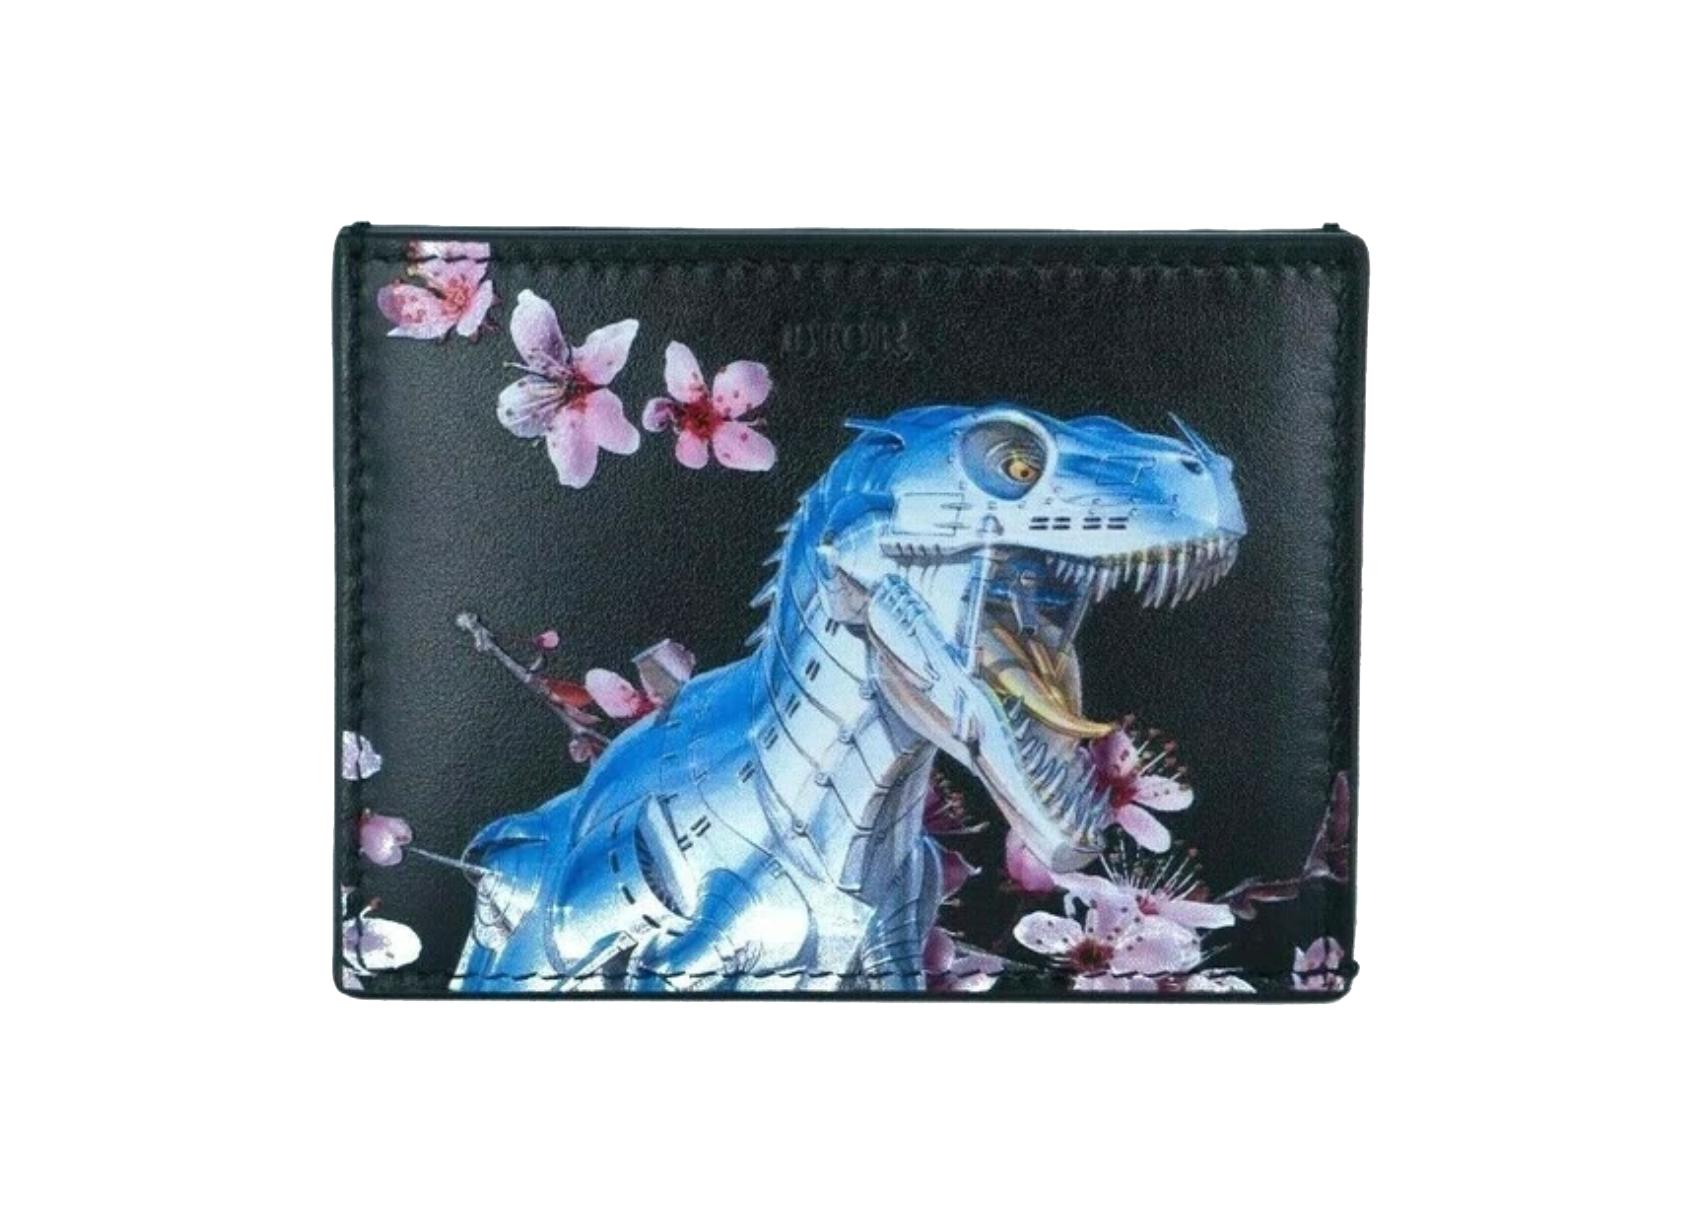 Dior x Sorayama Card Holder Black